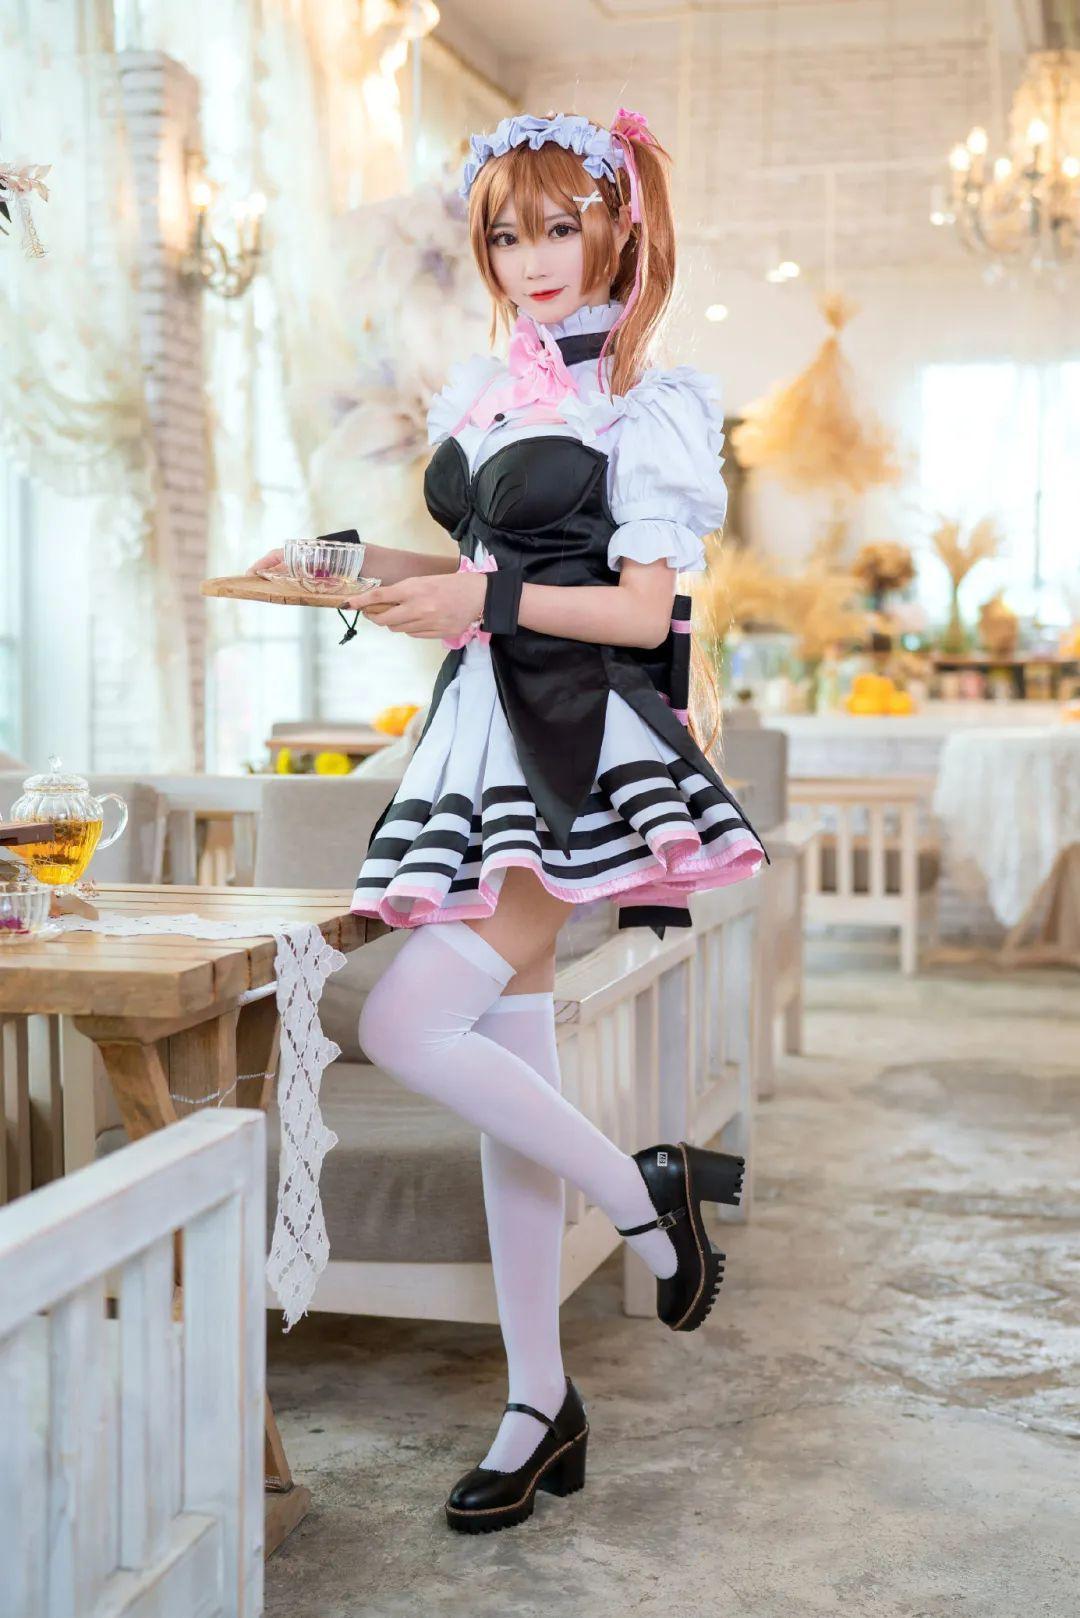 妹子摄影 – 白丝袜细腿 水手服元气少女_图片 No.5